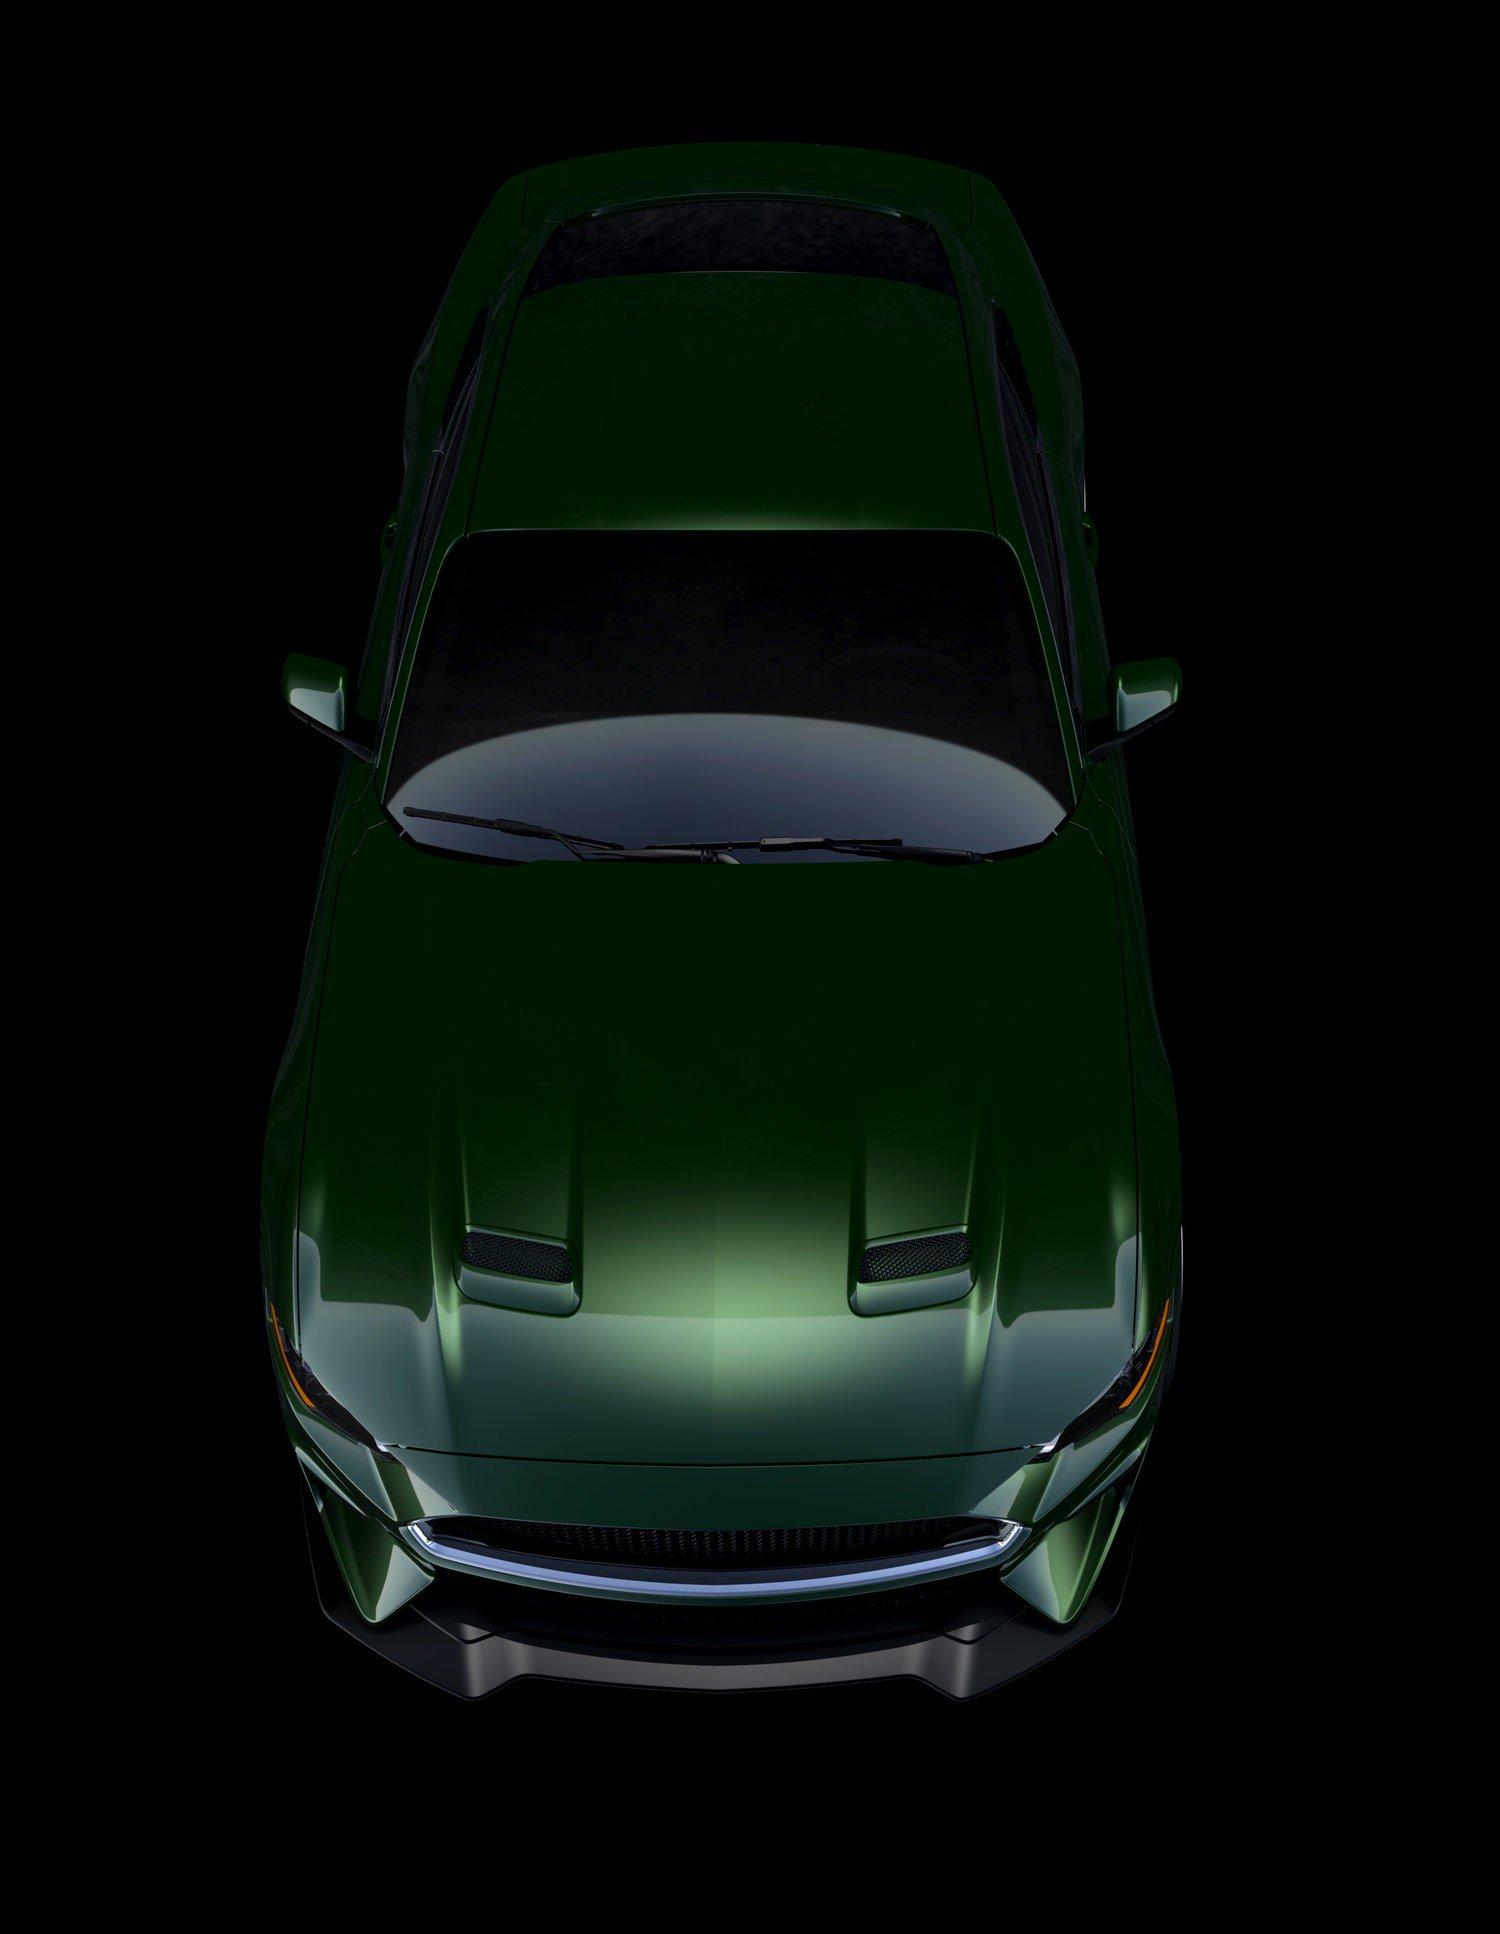 Steeda Mustang Bullitt Steve McQueen Edition 12